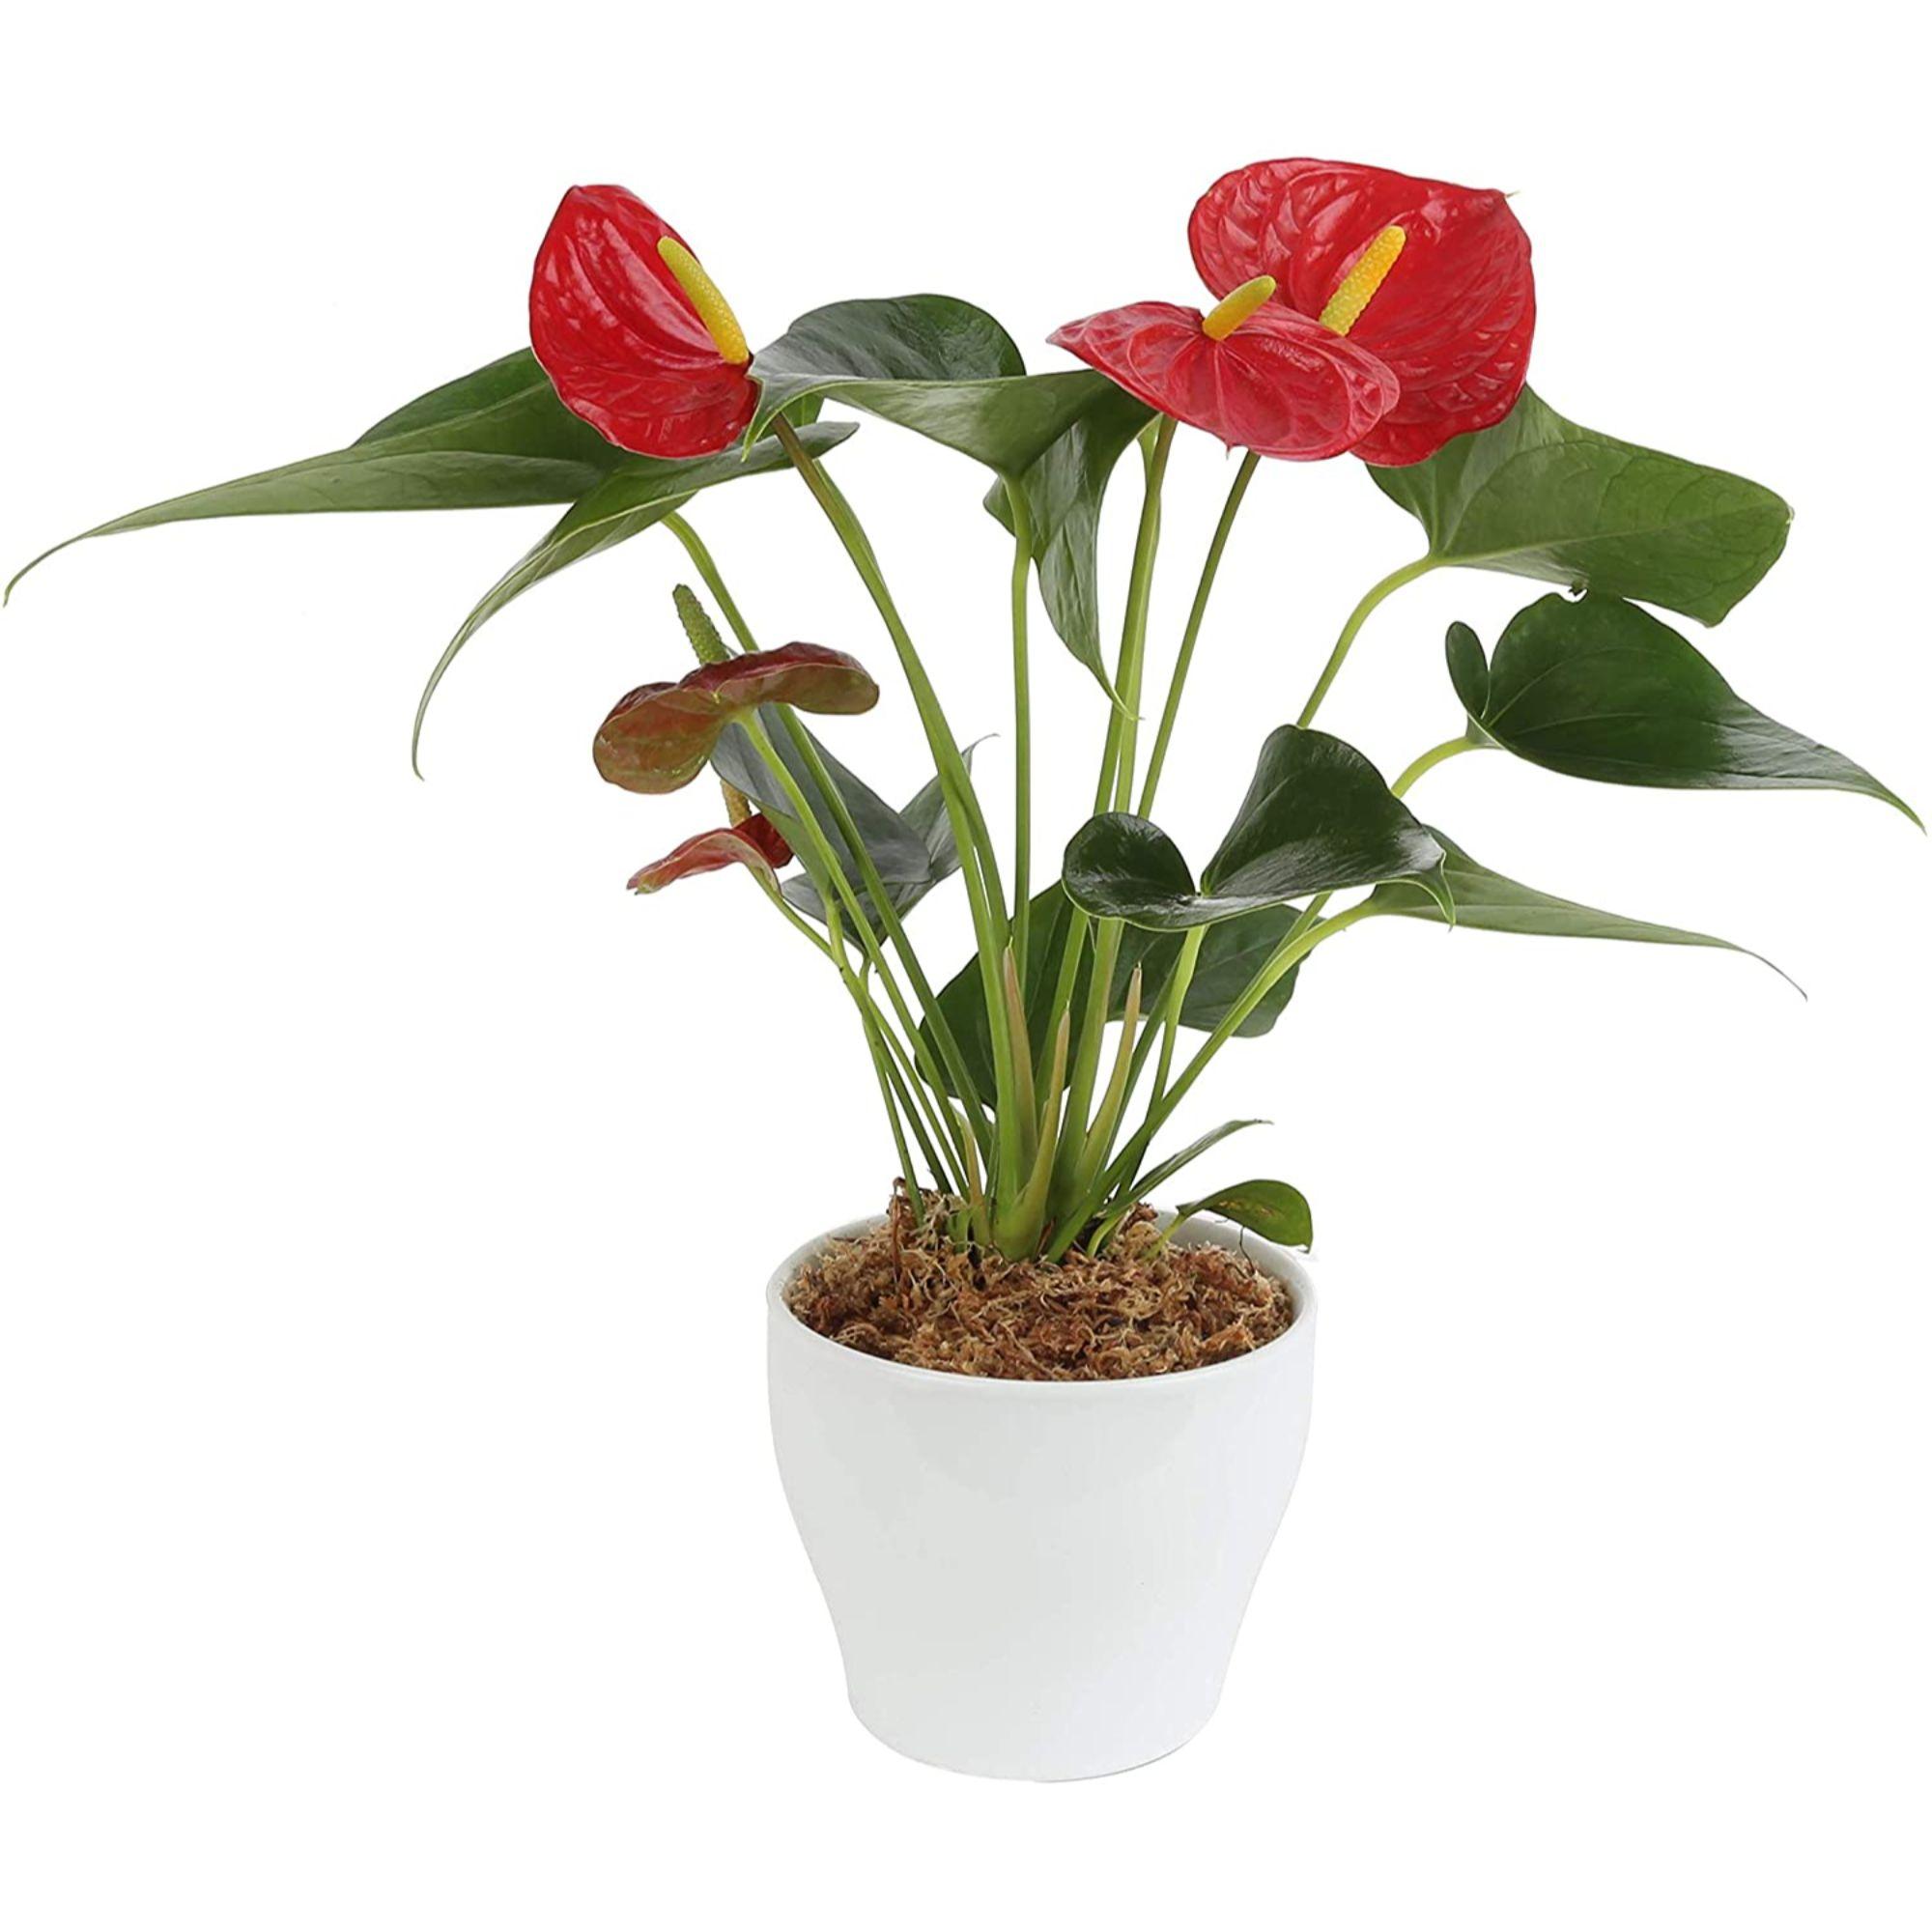 Plante medicinale de origine: flori de interior cu proprietăți medicinale - Flori